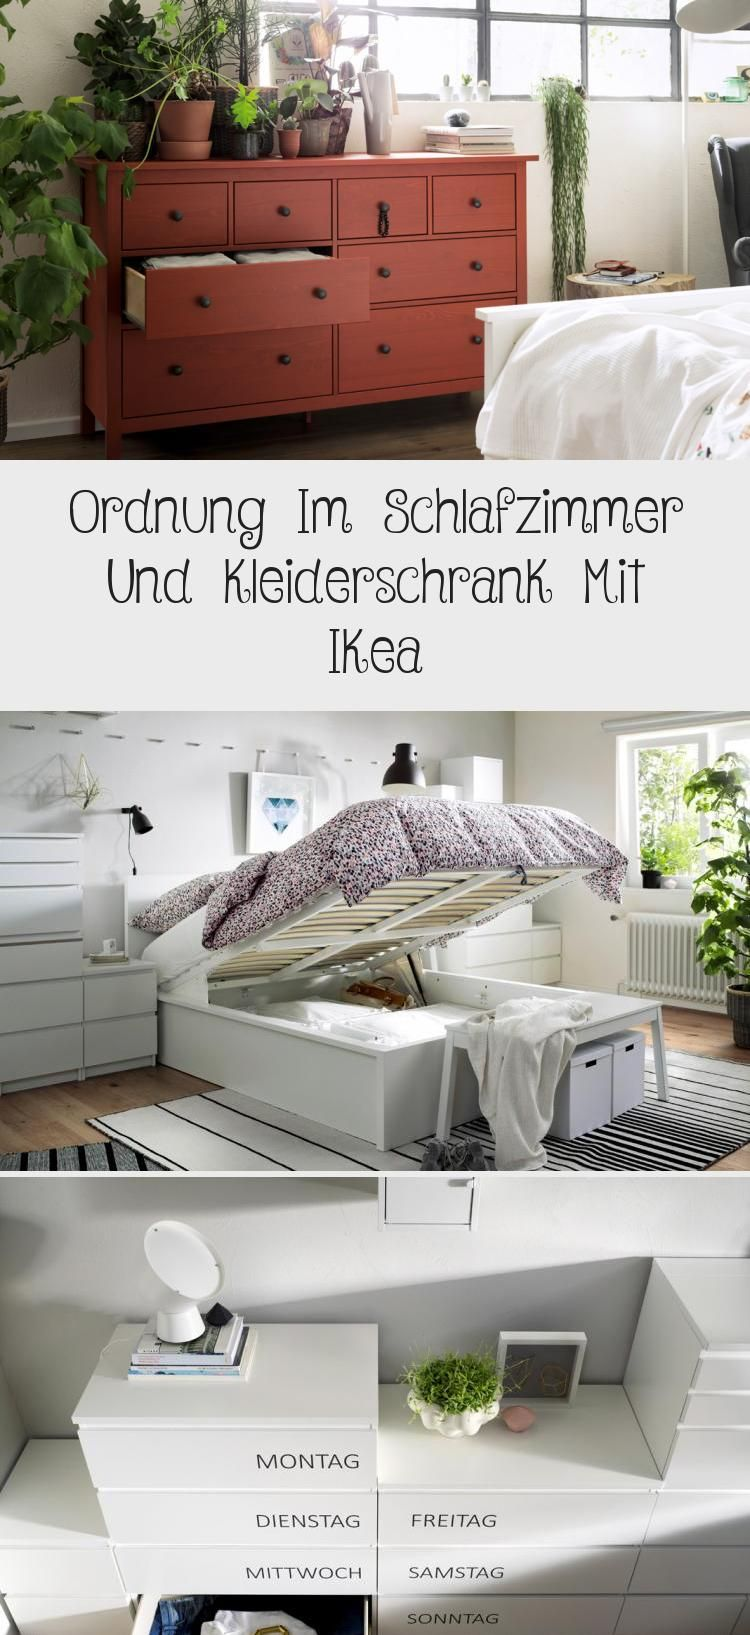 Ordnung Im Schlafzimmer Und Kleiderschrank Mit Ikea Storage